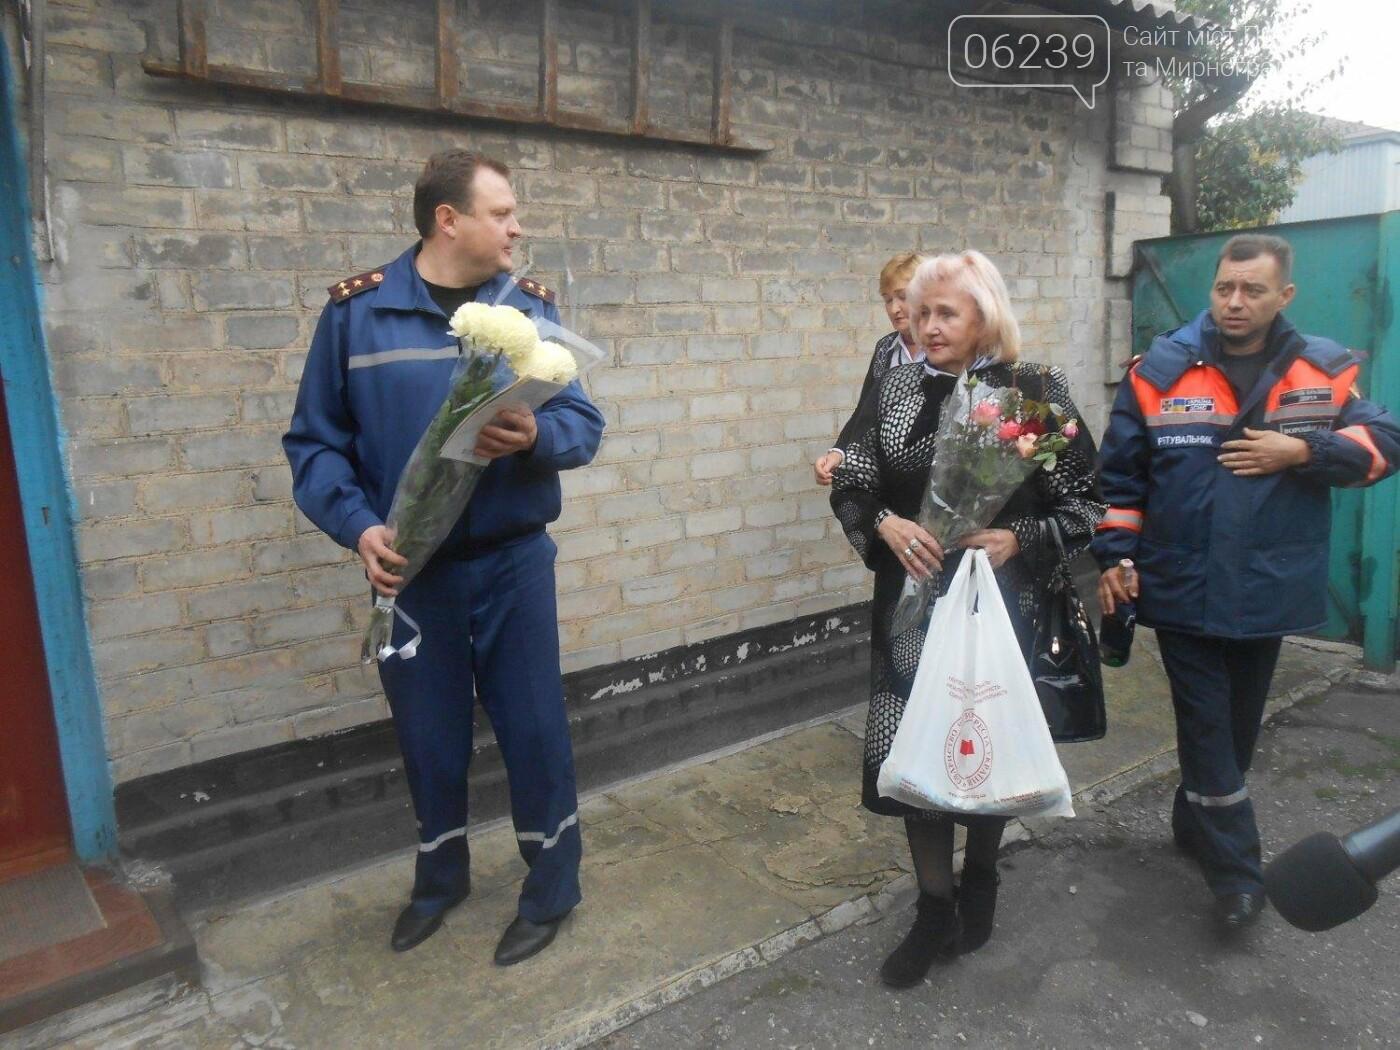 В Покровске спасатели поздравили ветерана пожарной охраны с 90-летним юбилеем, фото-1